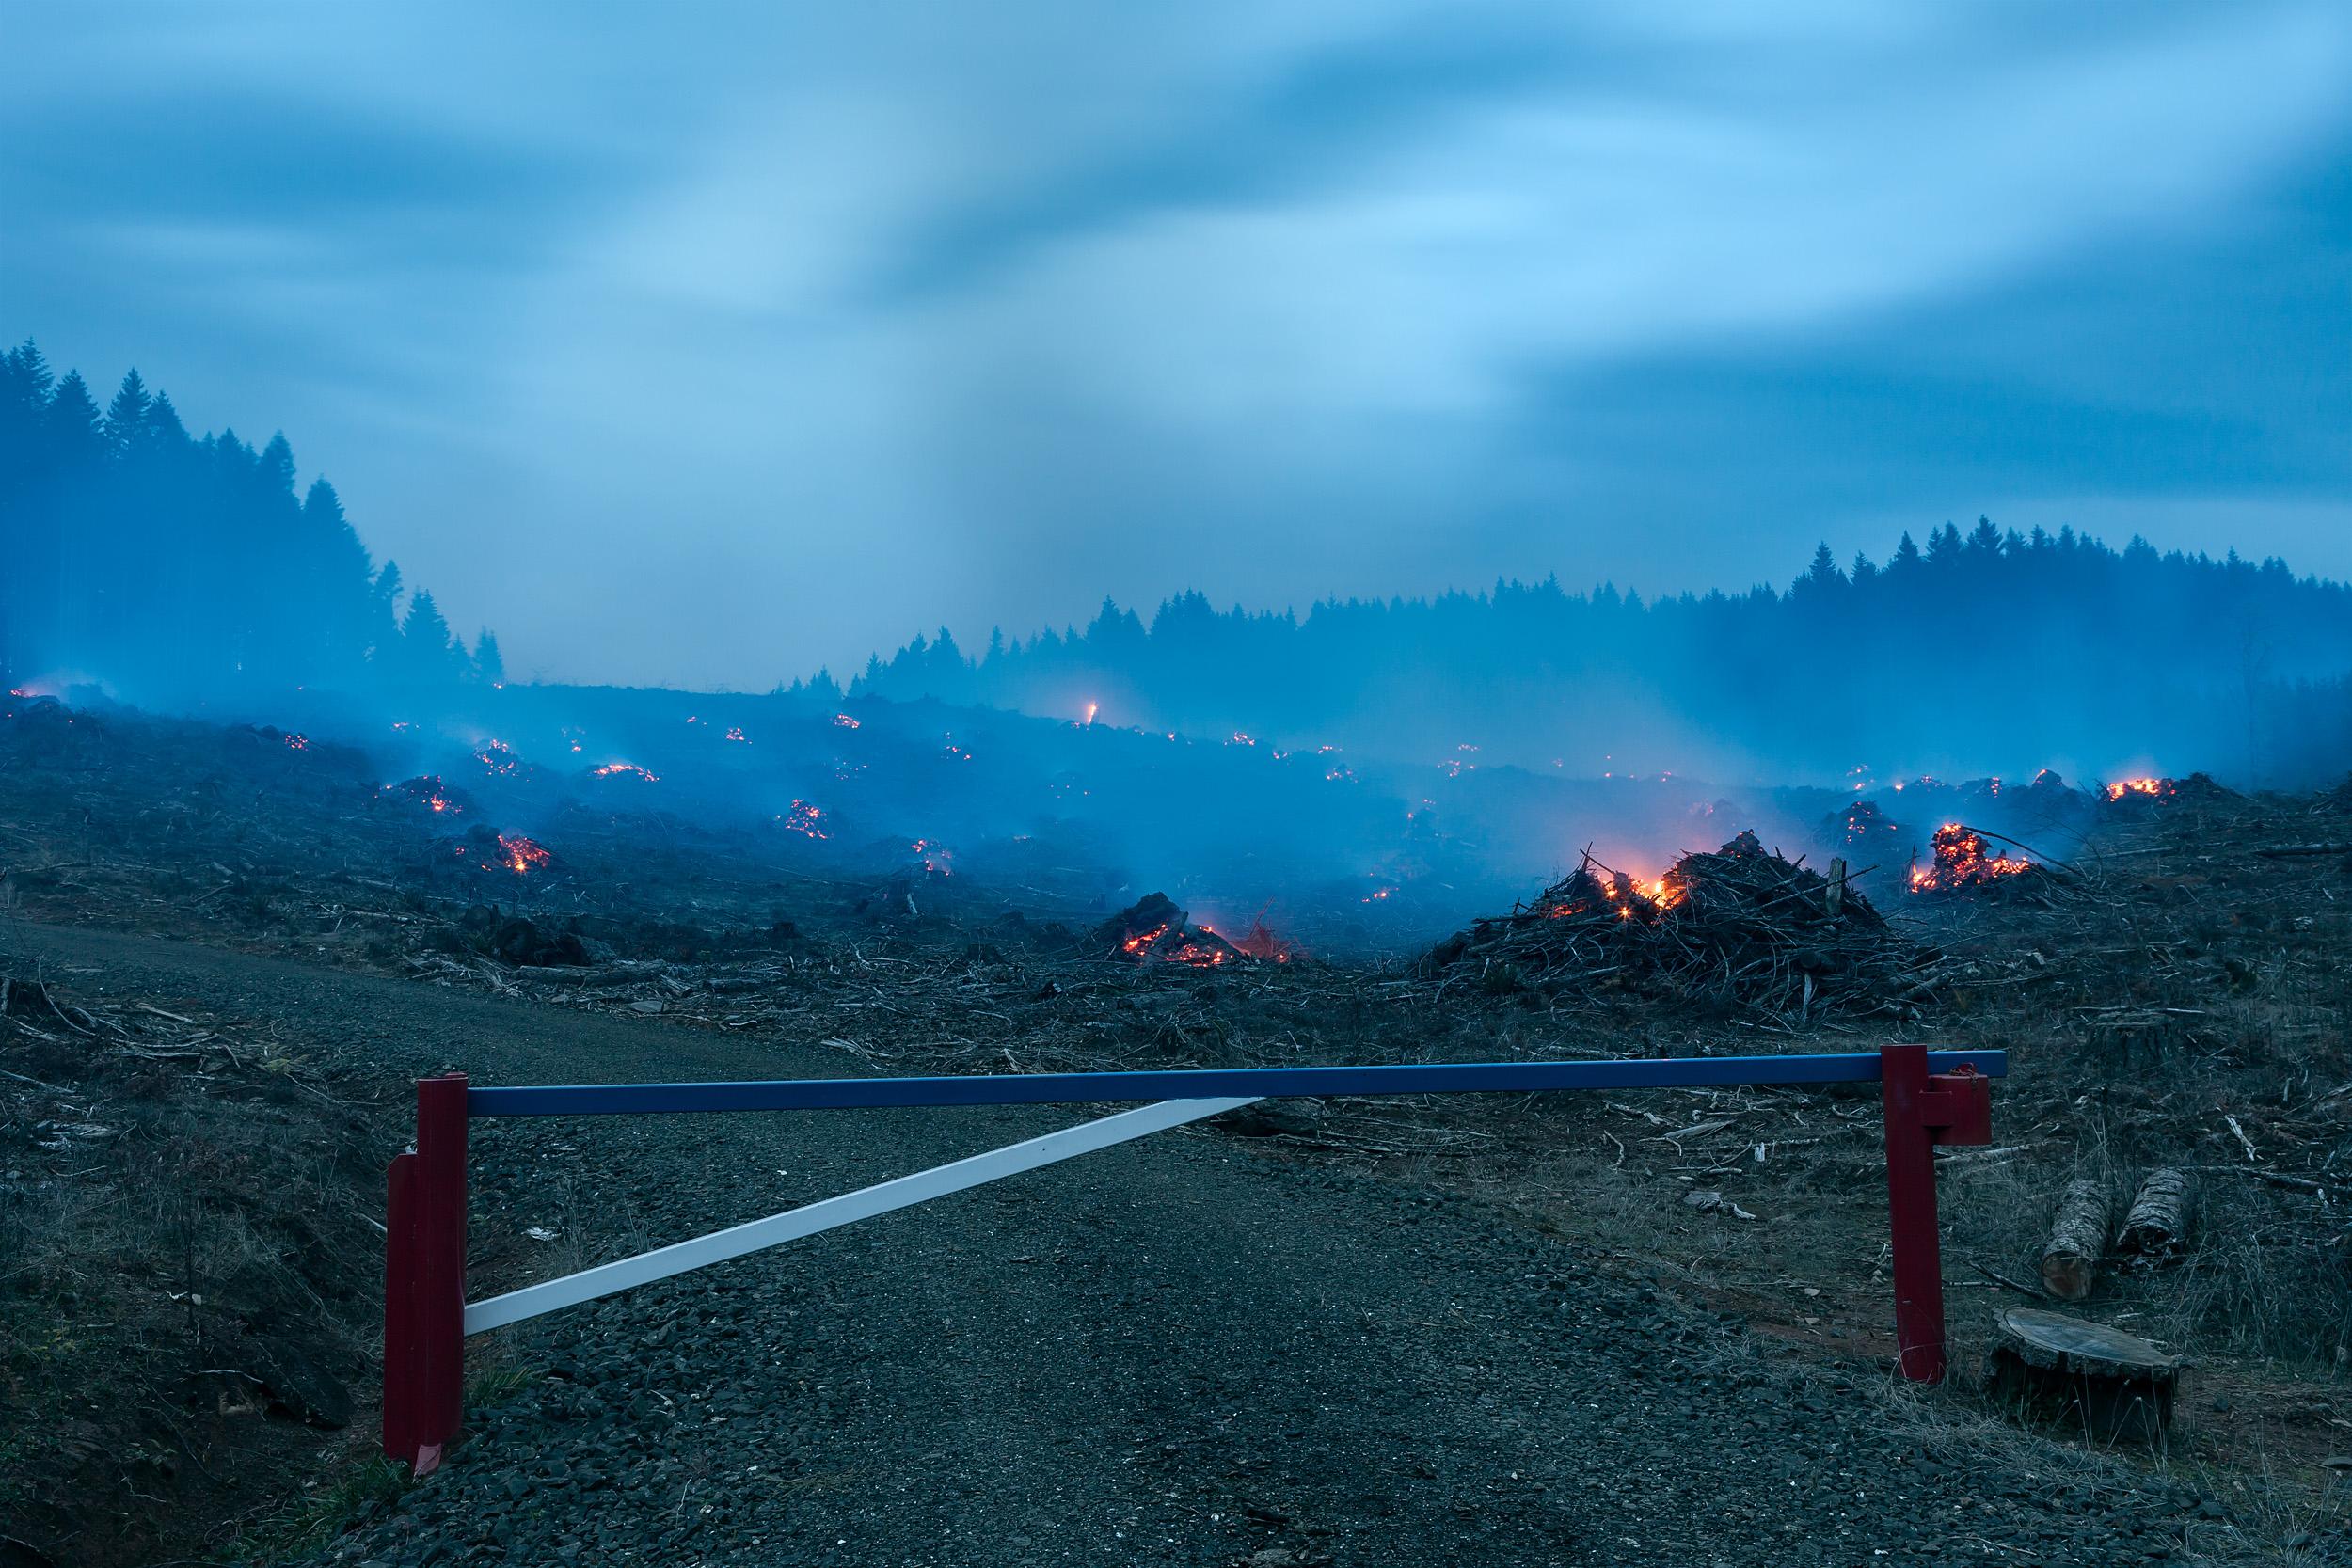 Burn #266, 2009